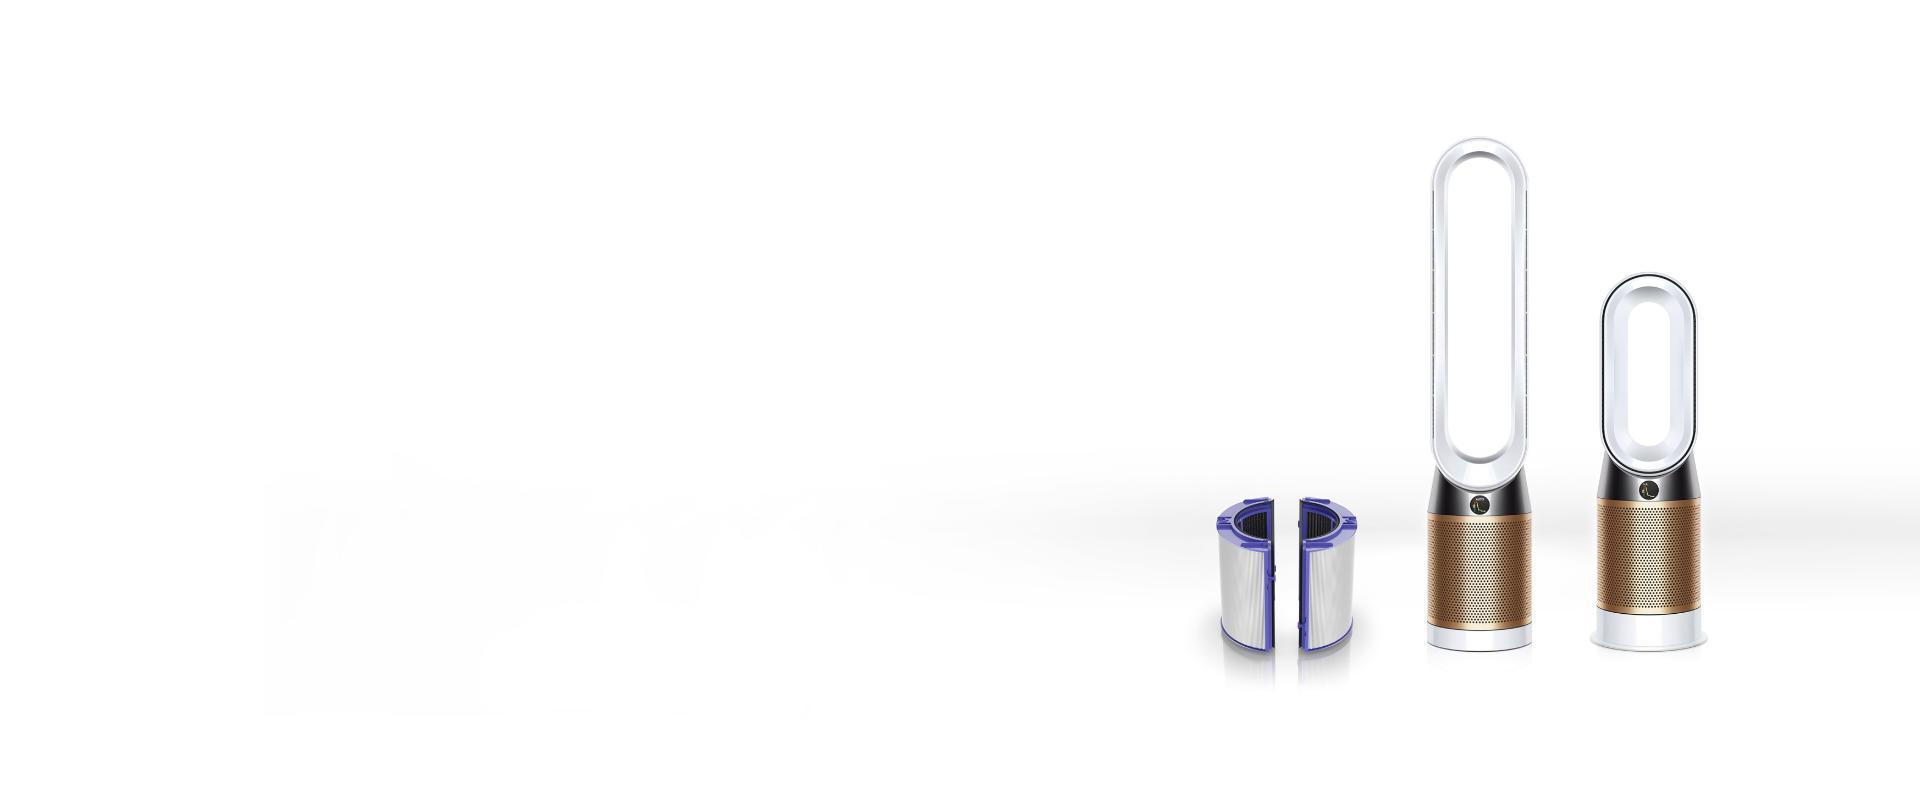 필터와 호환되는 다이슨 공기청정기 이미지